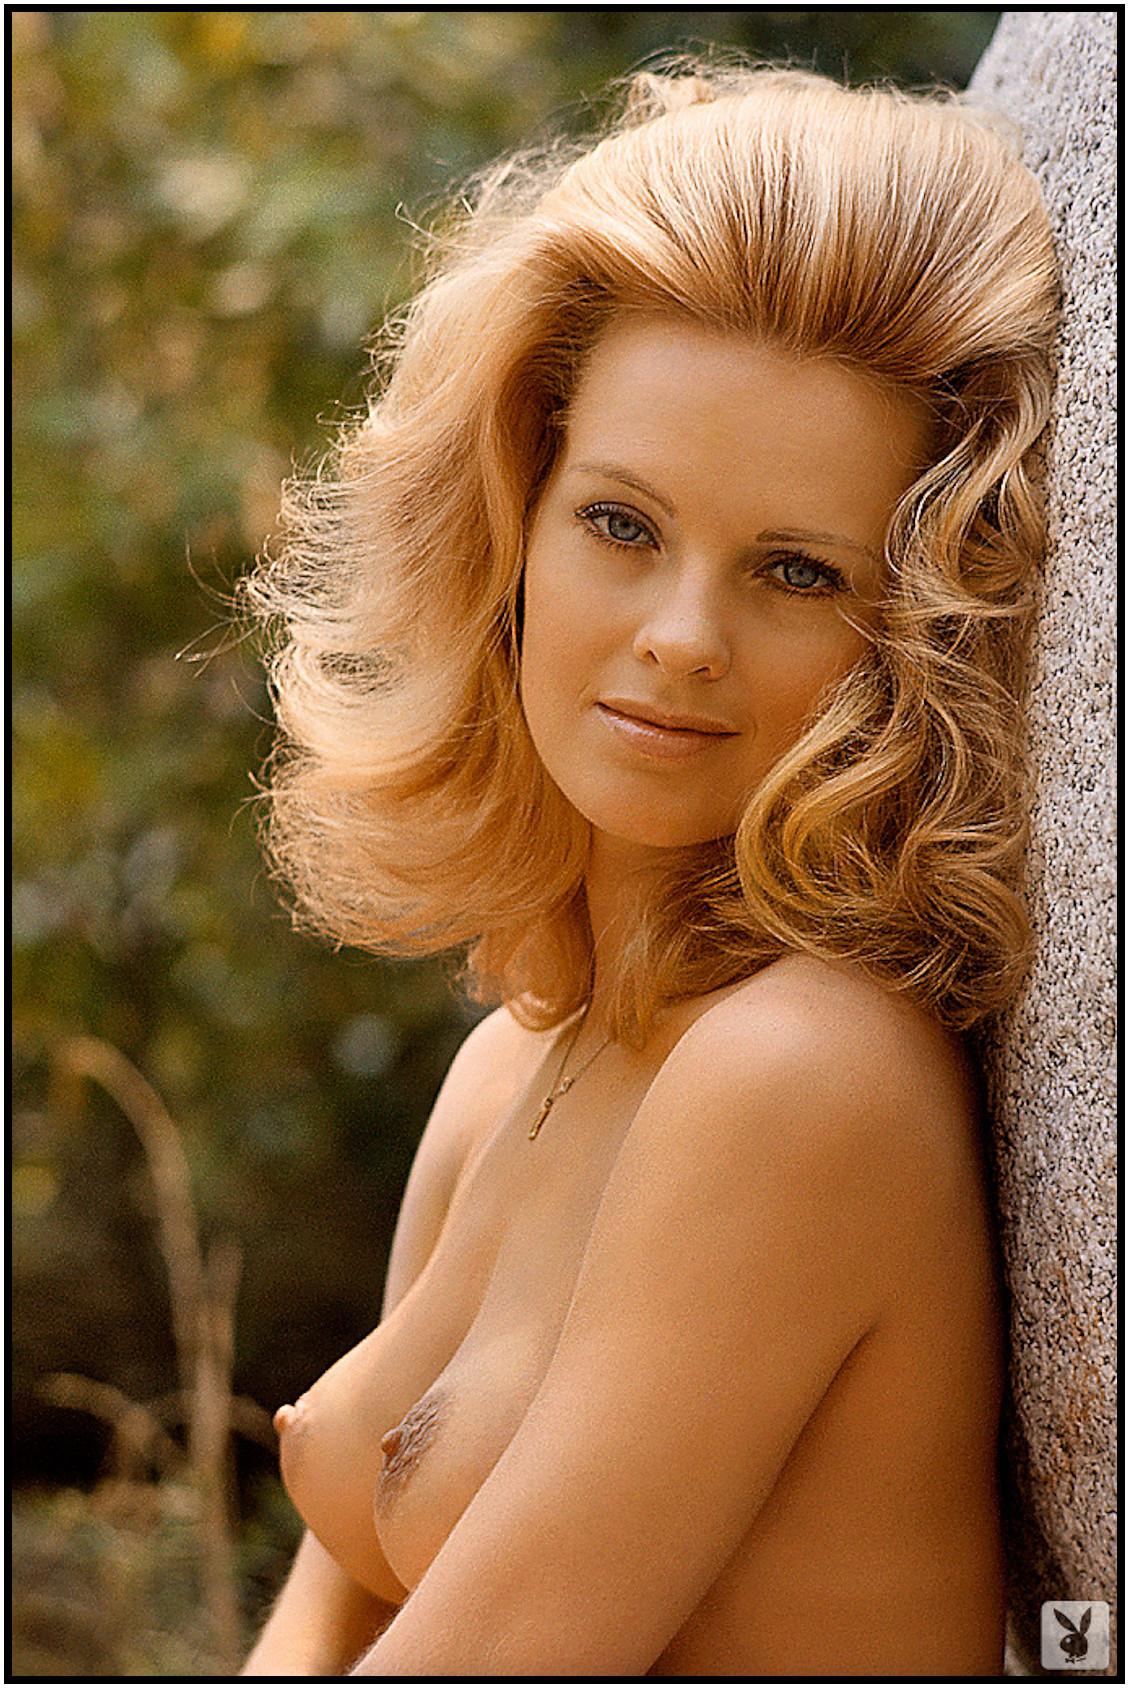 Playboy video playmate calendar 2006 jamie westenhiser 3